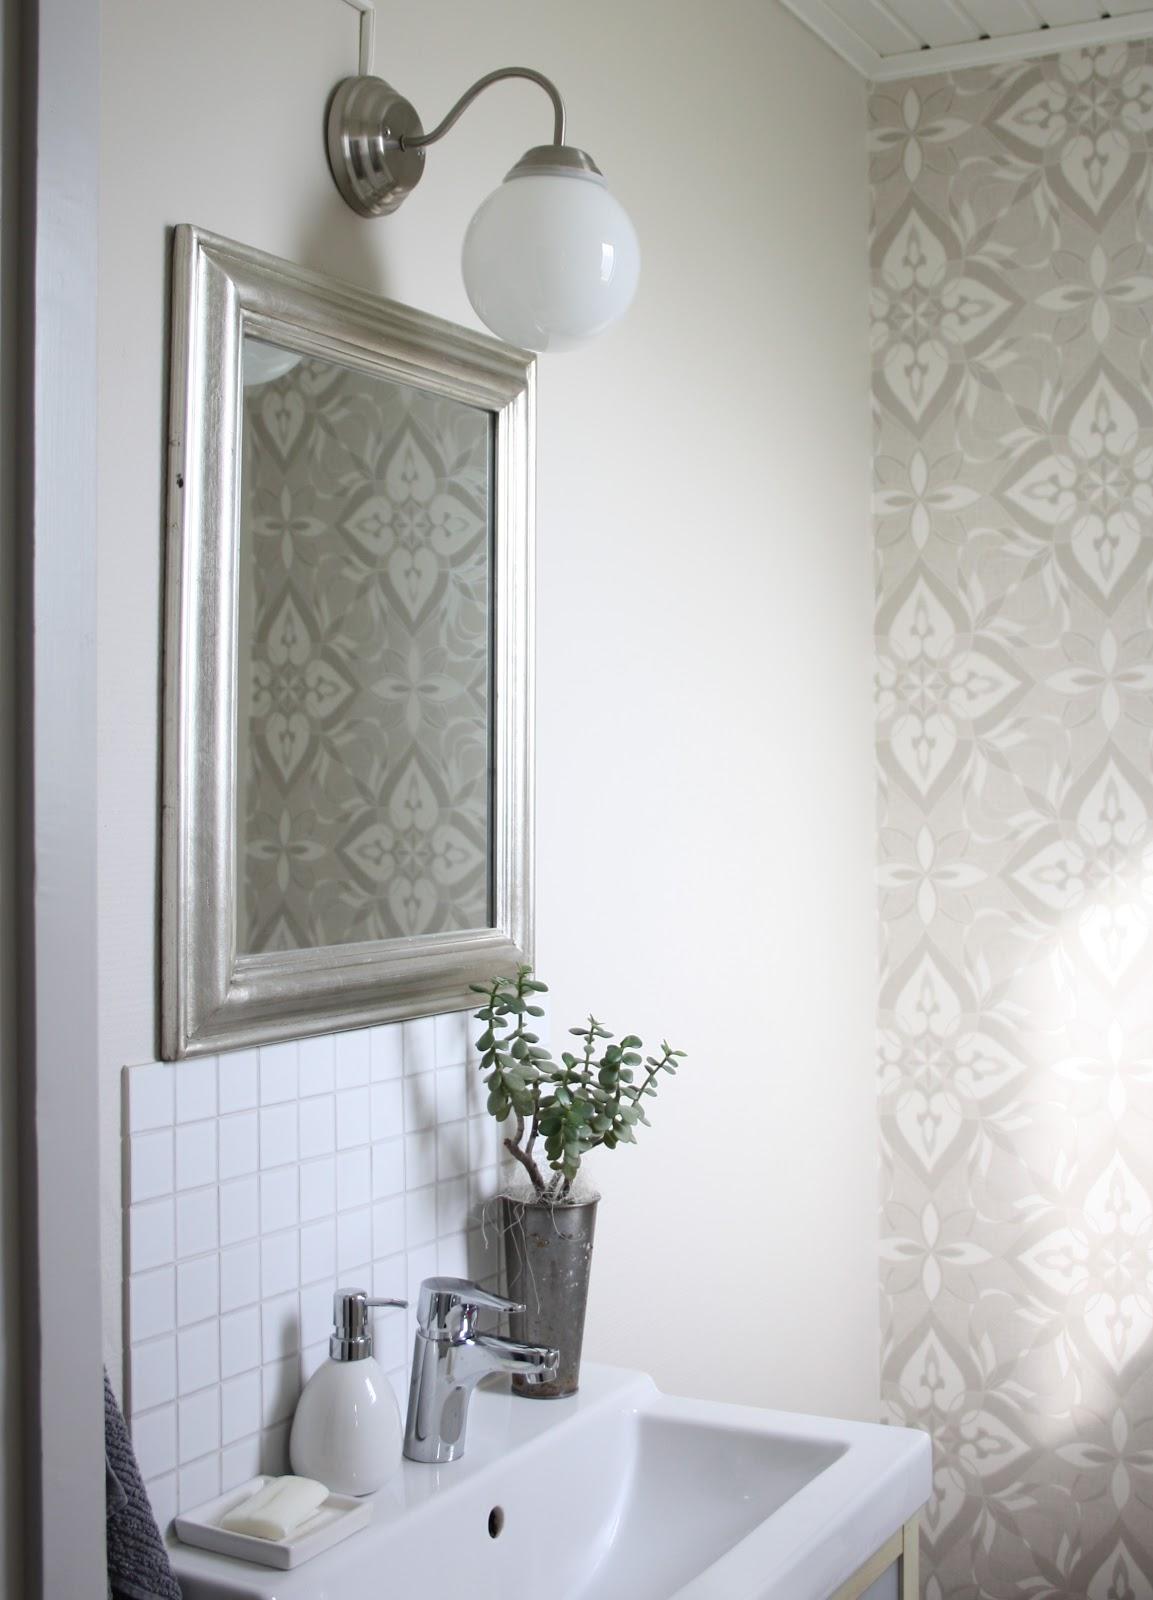 Inredning gästtoalett inspiration : Dagdrömmar & Verklighet: Budgetrenovering av toalett